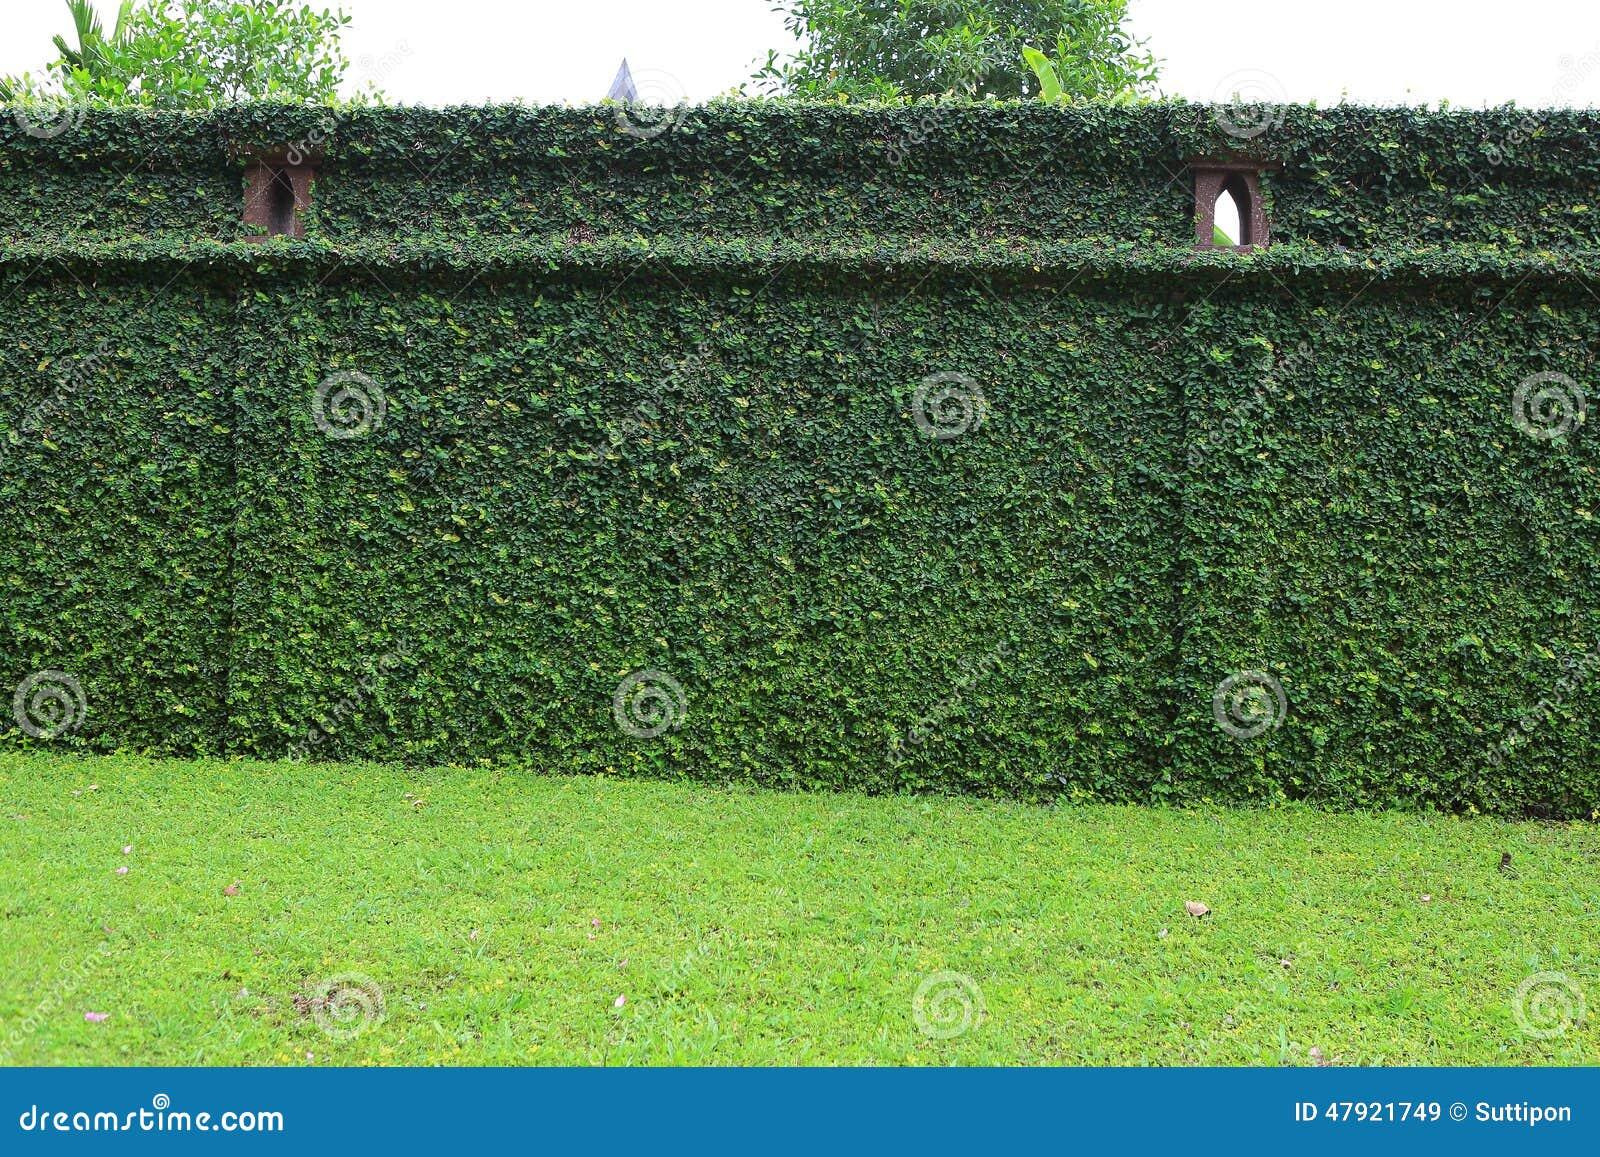 Grüner Zaun stockbild Bild von alter umgebung haupt